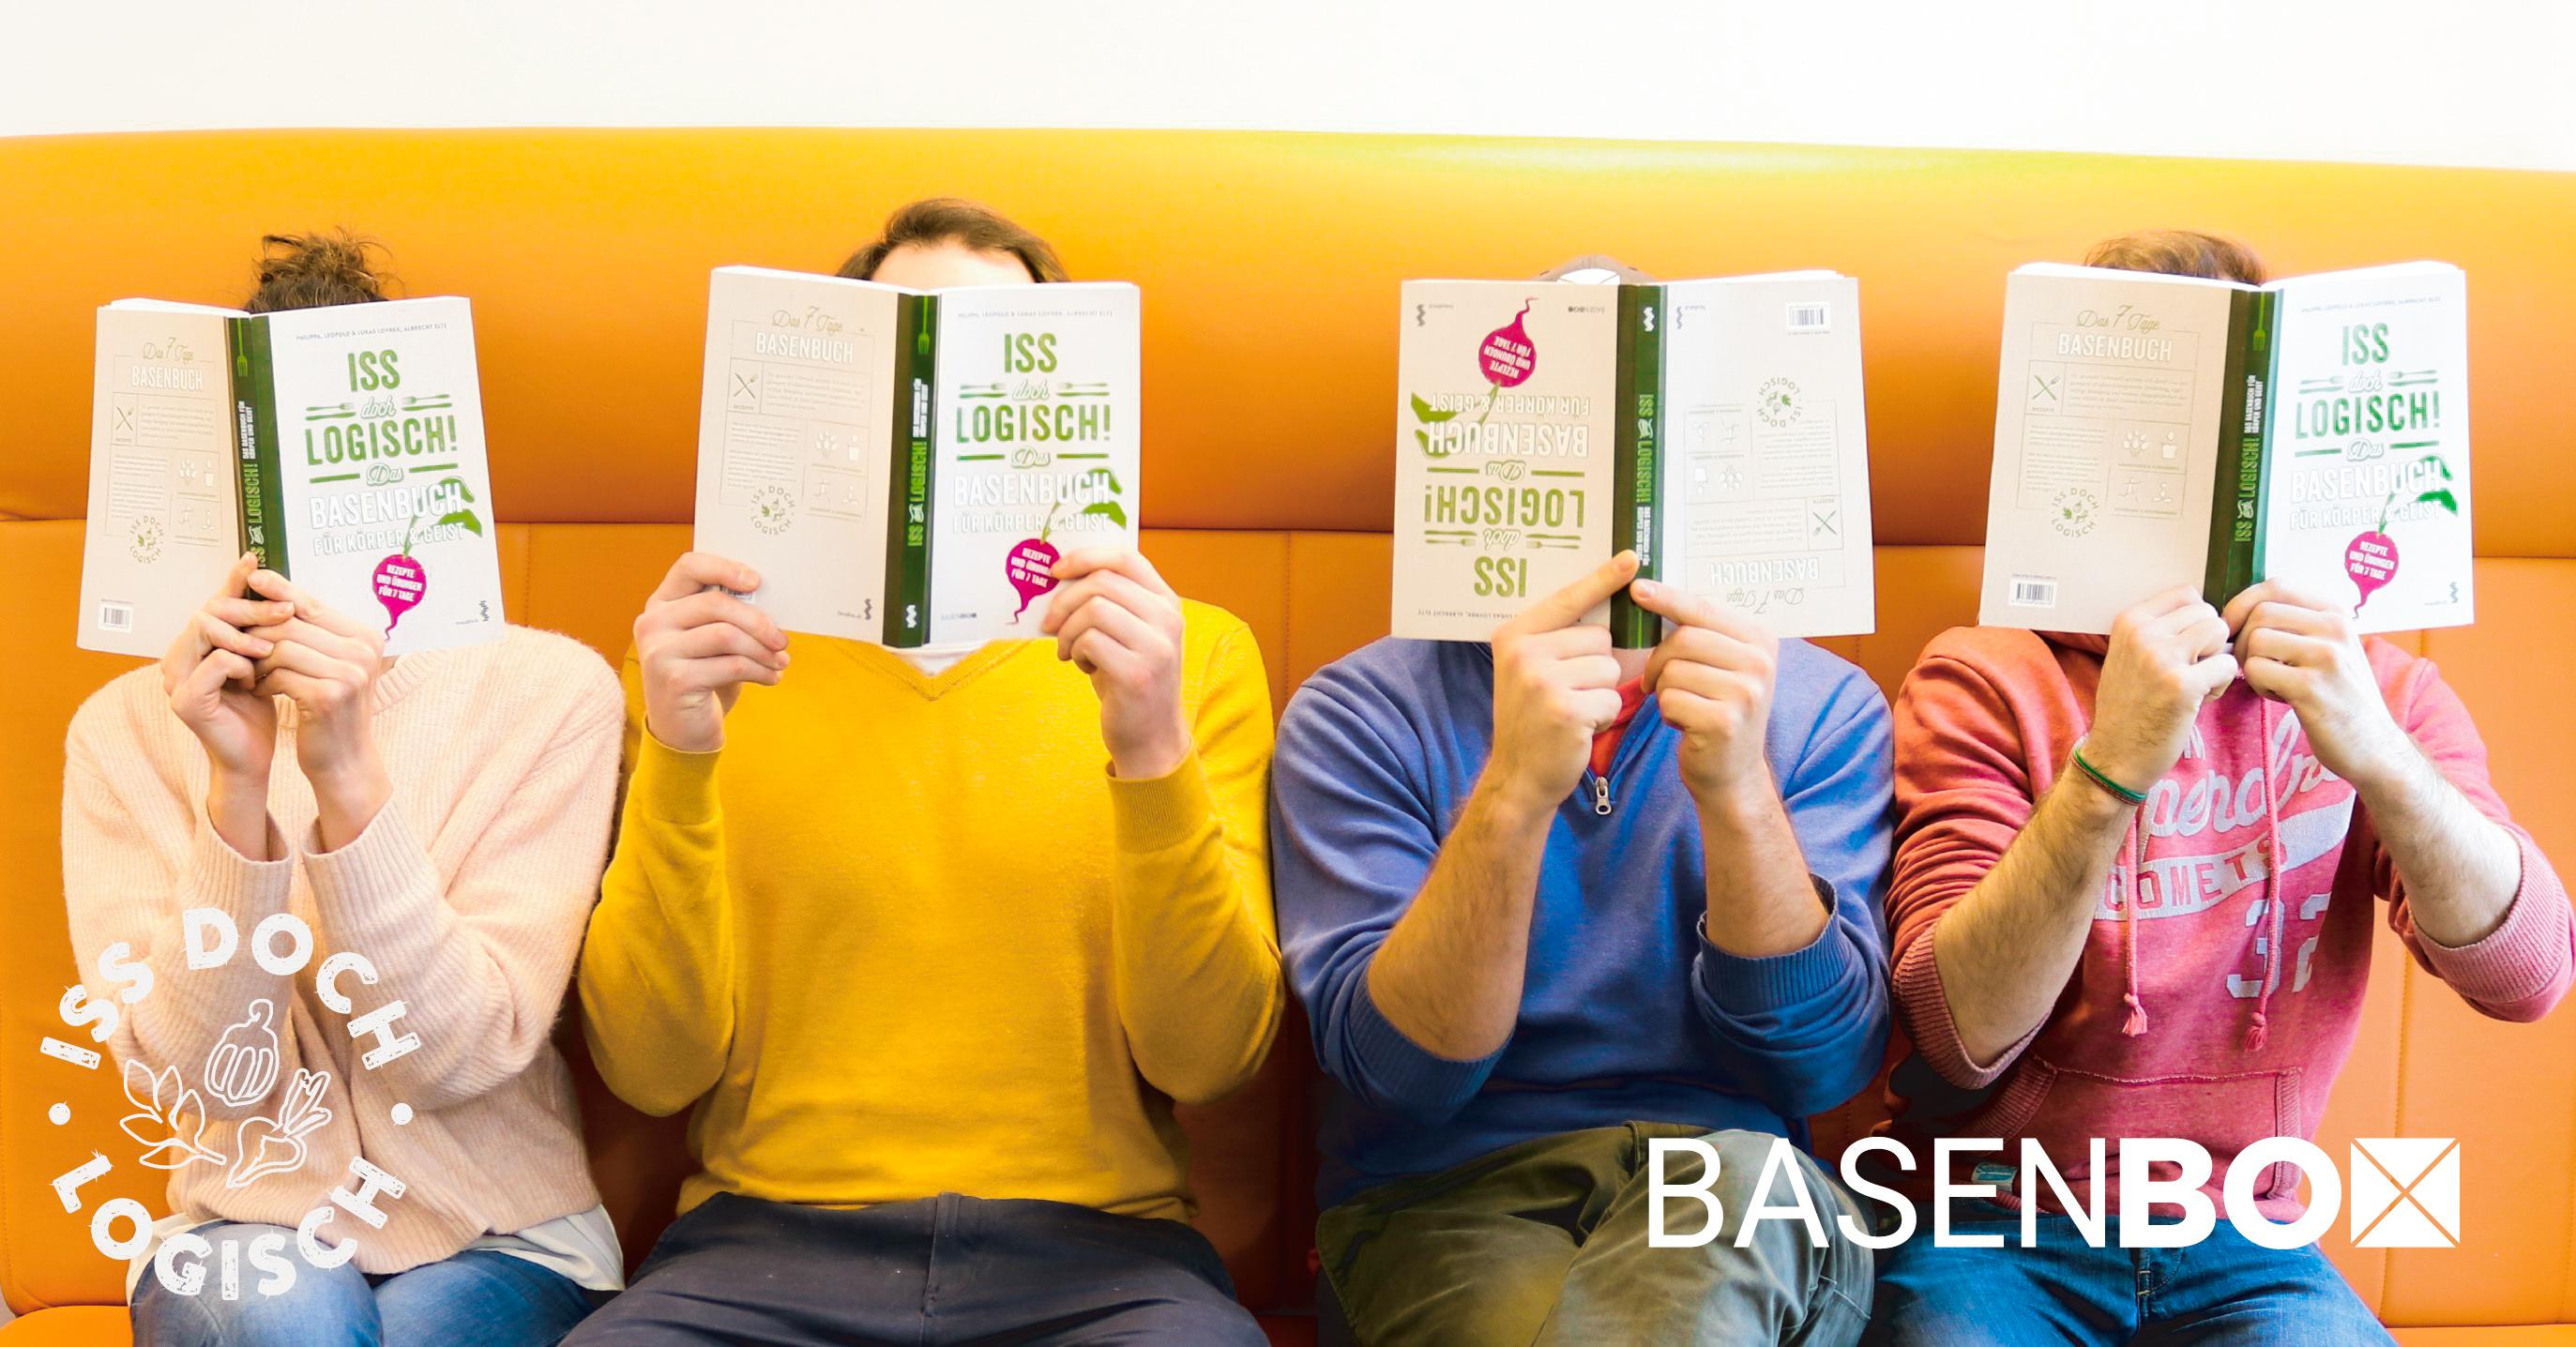 Das Basenbuch – Basenbox für jederman